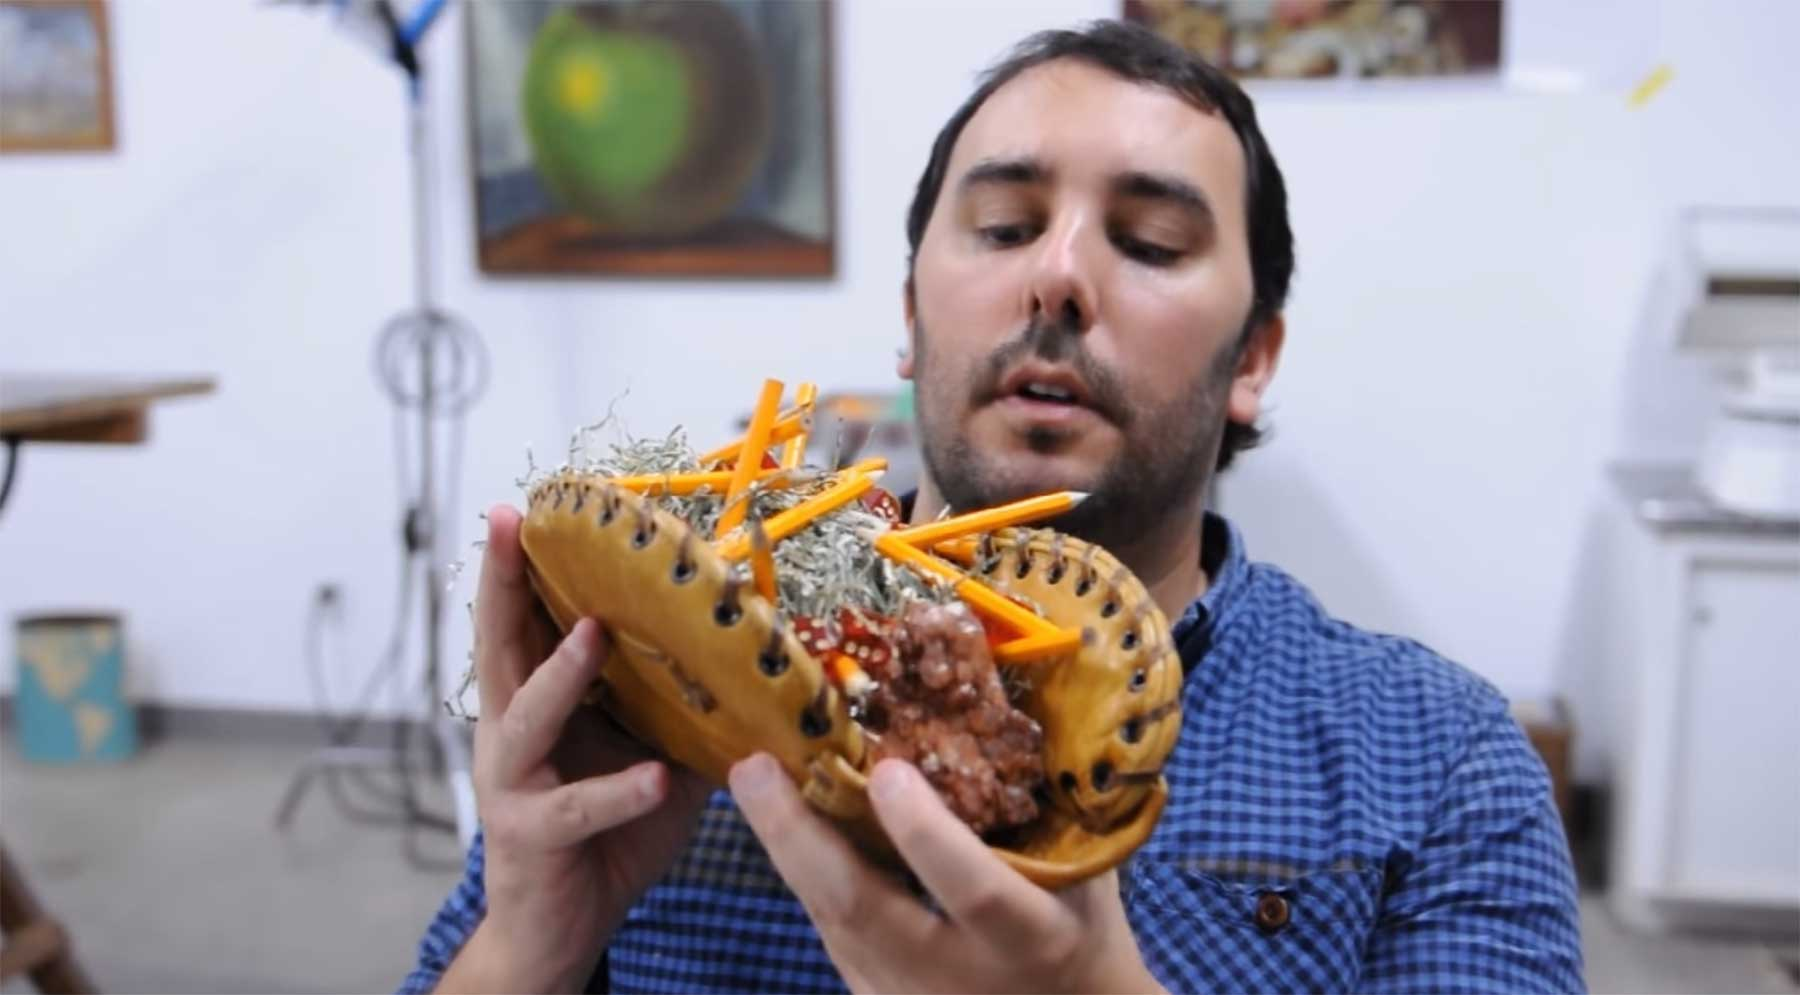 PES macht einen Taco aus Flohmarkt-Funden PES-macht-einen-taco